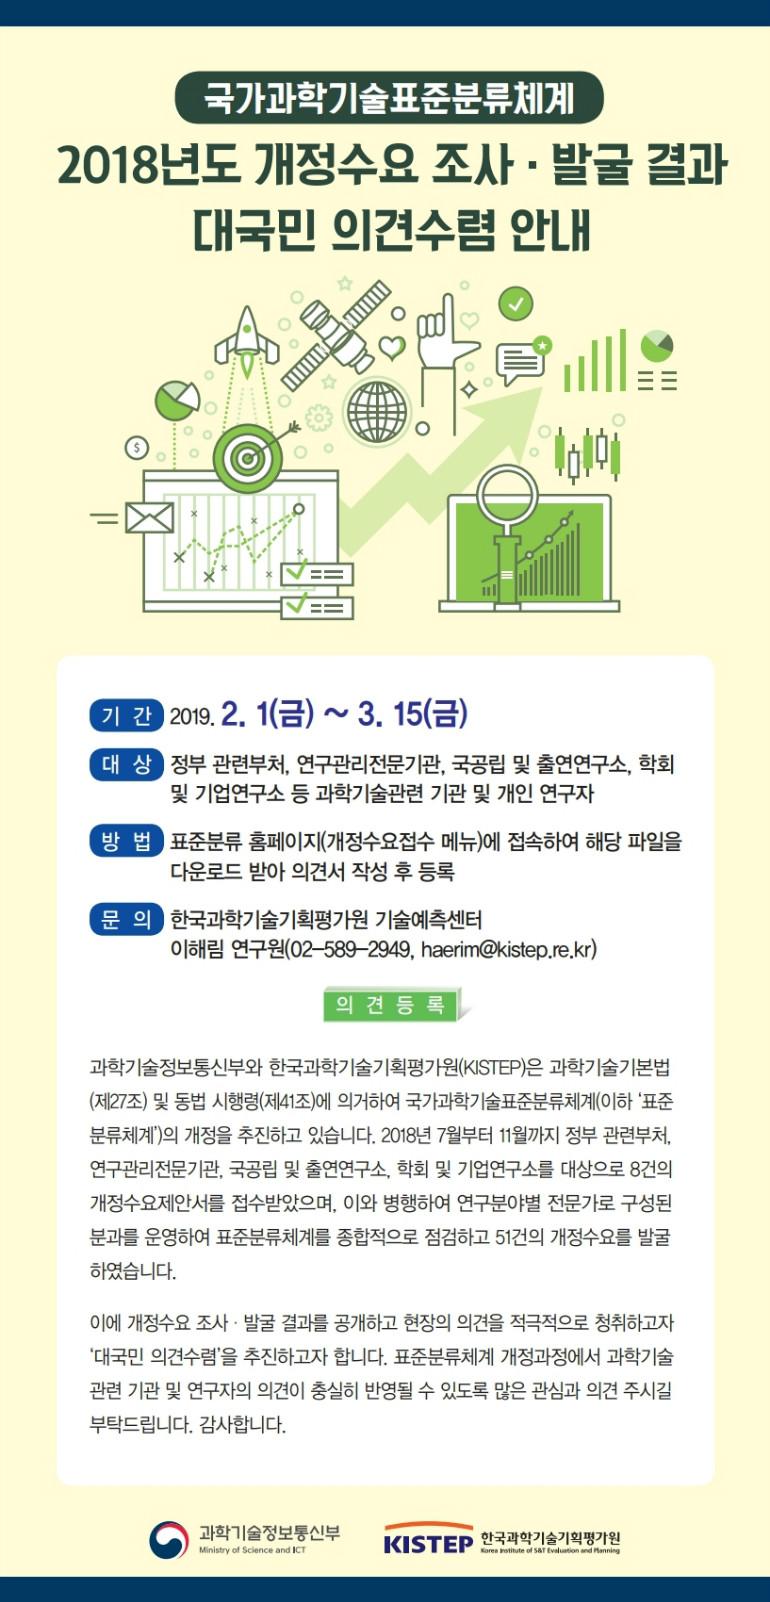 (안내장)국가과학기술표준분류체계 2018년도 개정수요 조사발굴 결과 대국민의견수렴.pdf_page_1.jpg